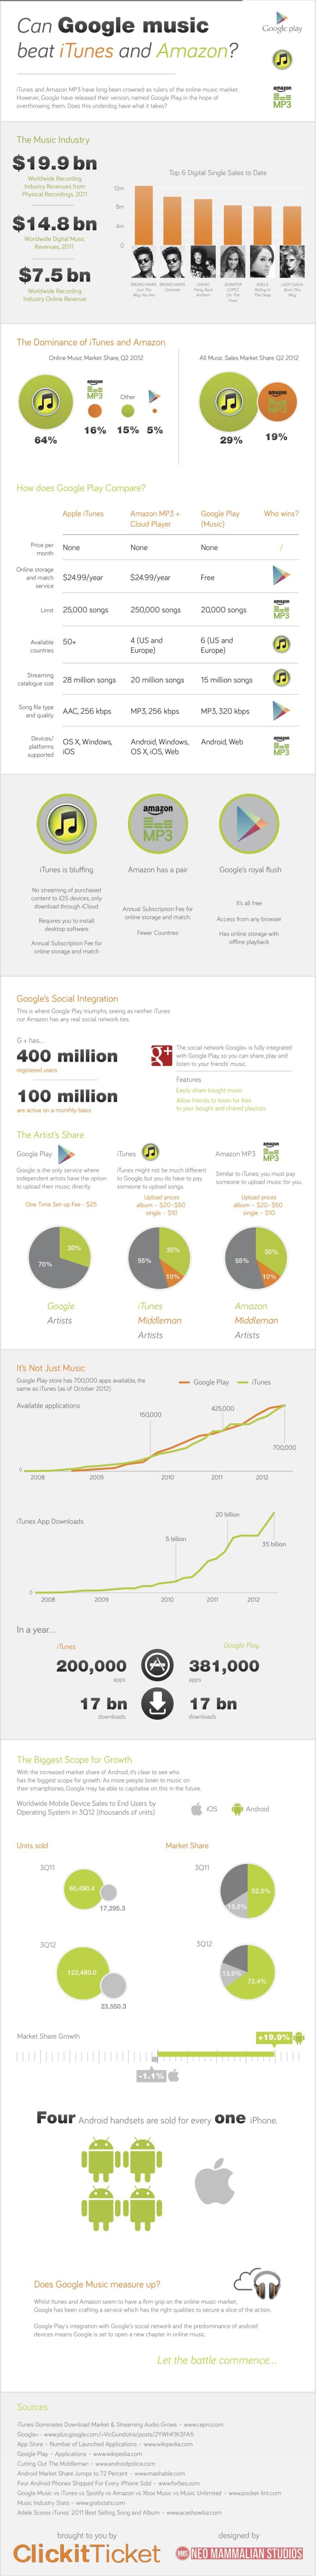 ¿Podrá Google Play con iTunes y Amazon?